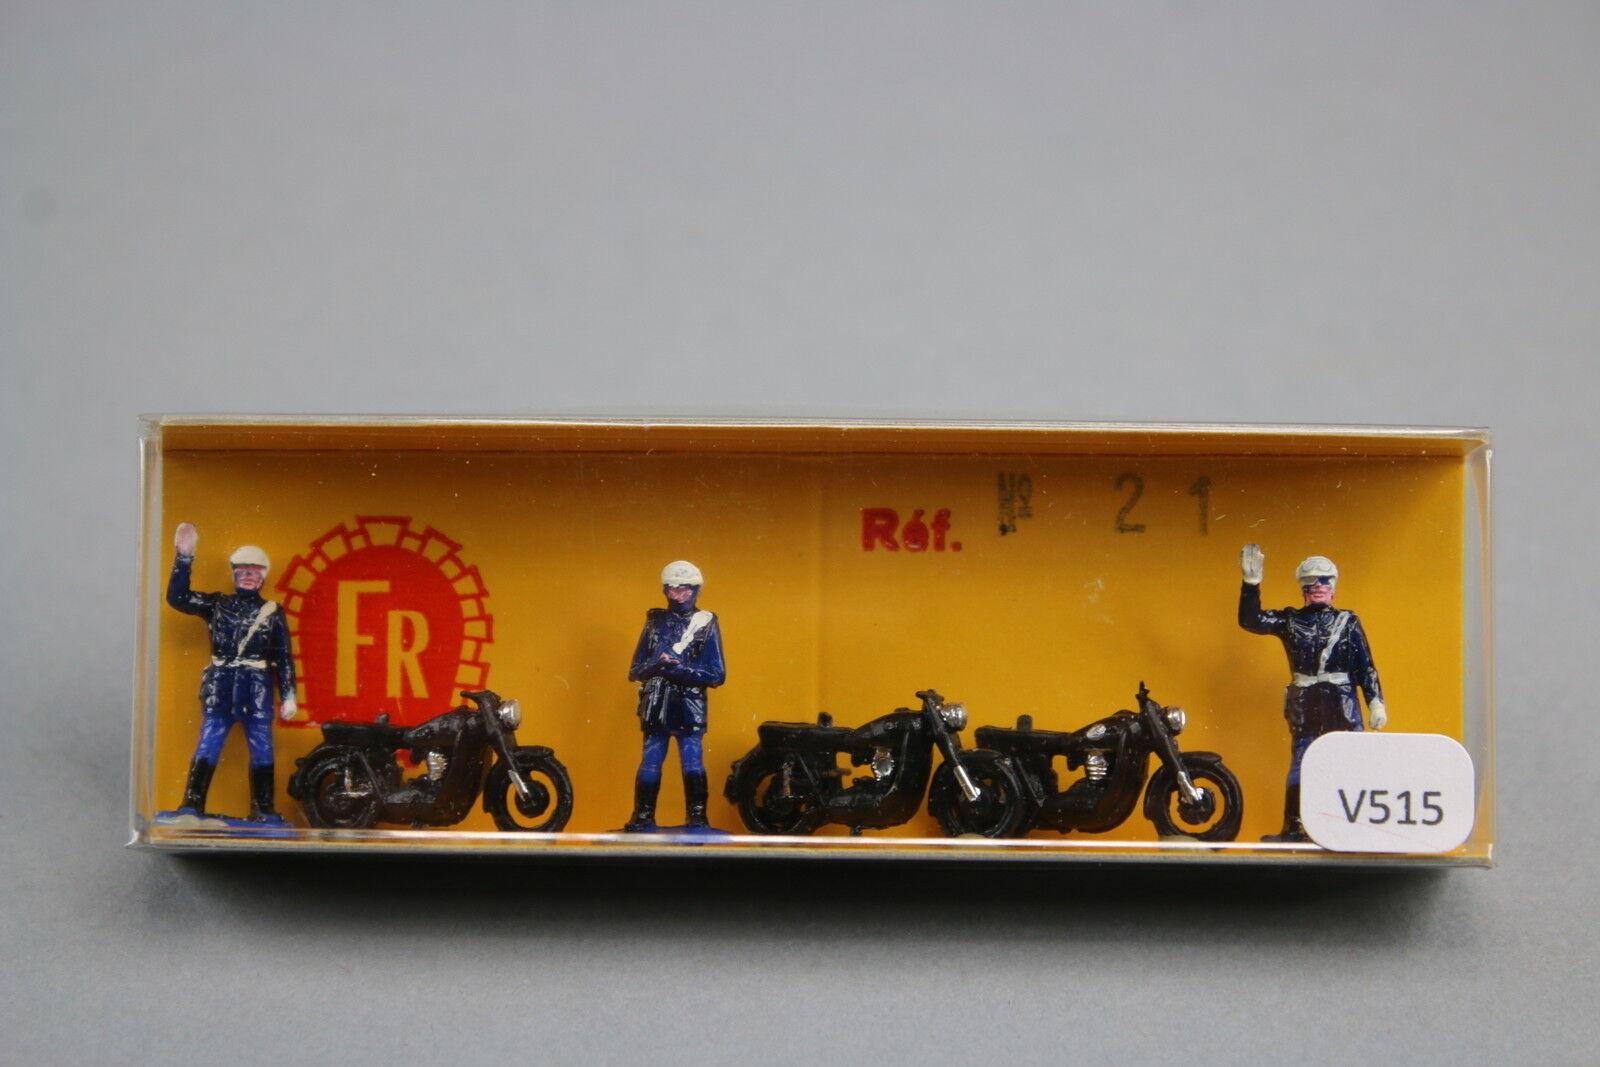 V515 FR rare boite 21 Ho train moto police gendarmerie diorama decor